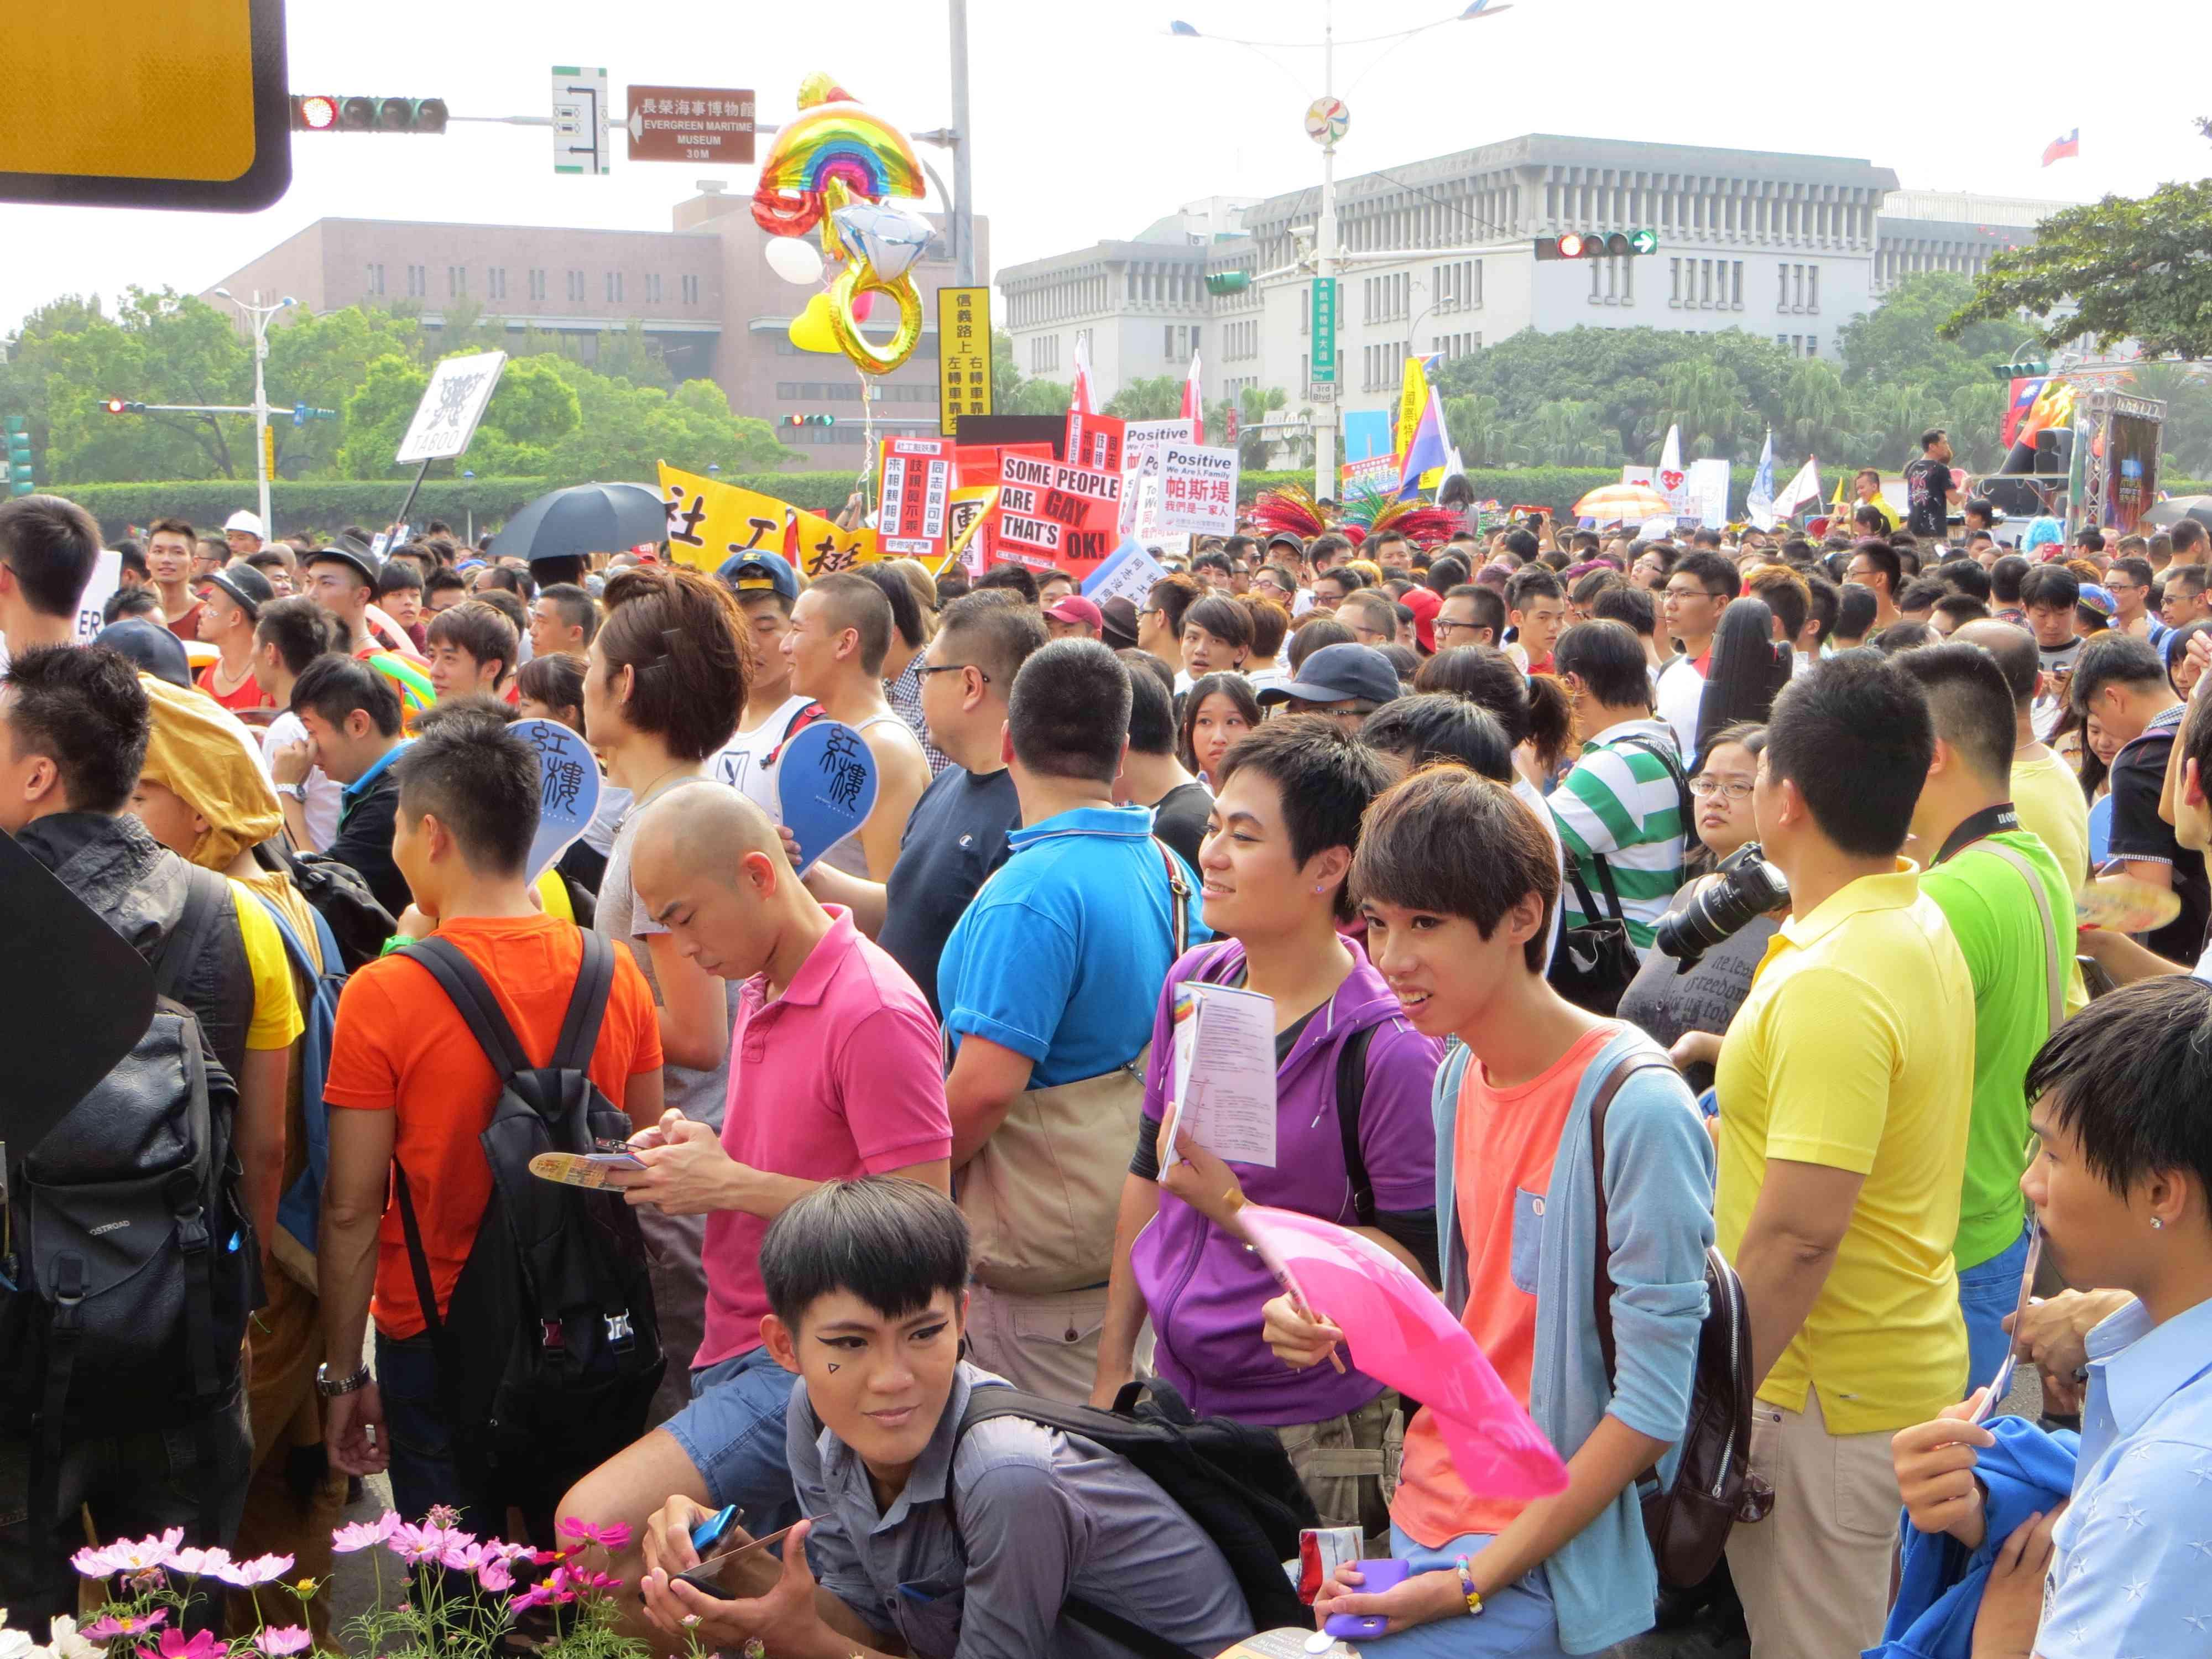 Taiwan Pride in Taipei